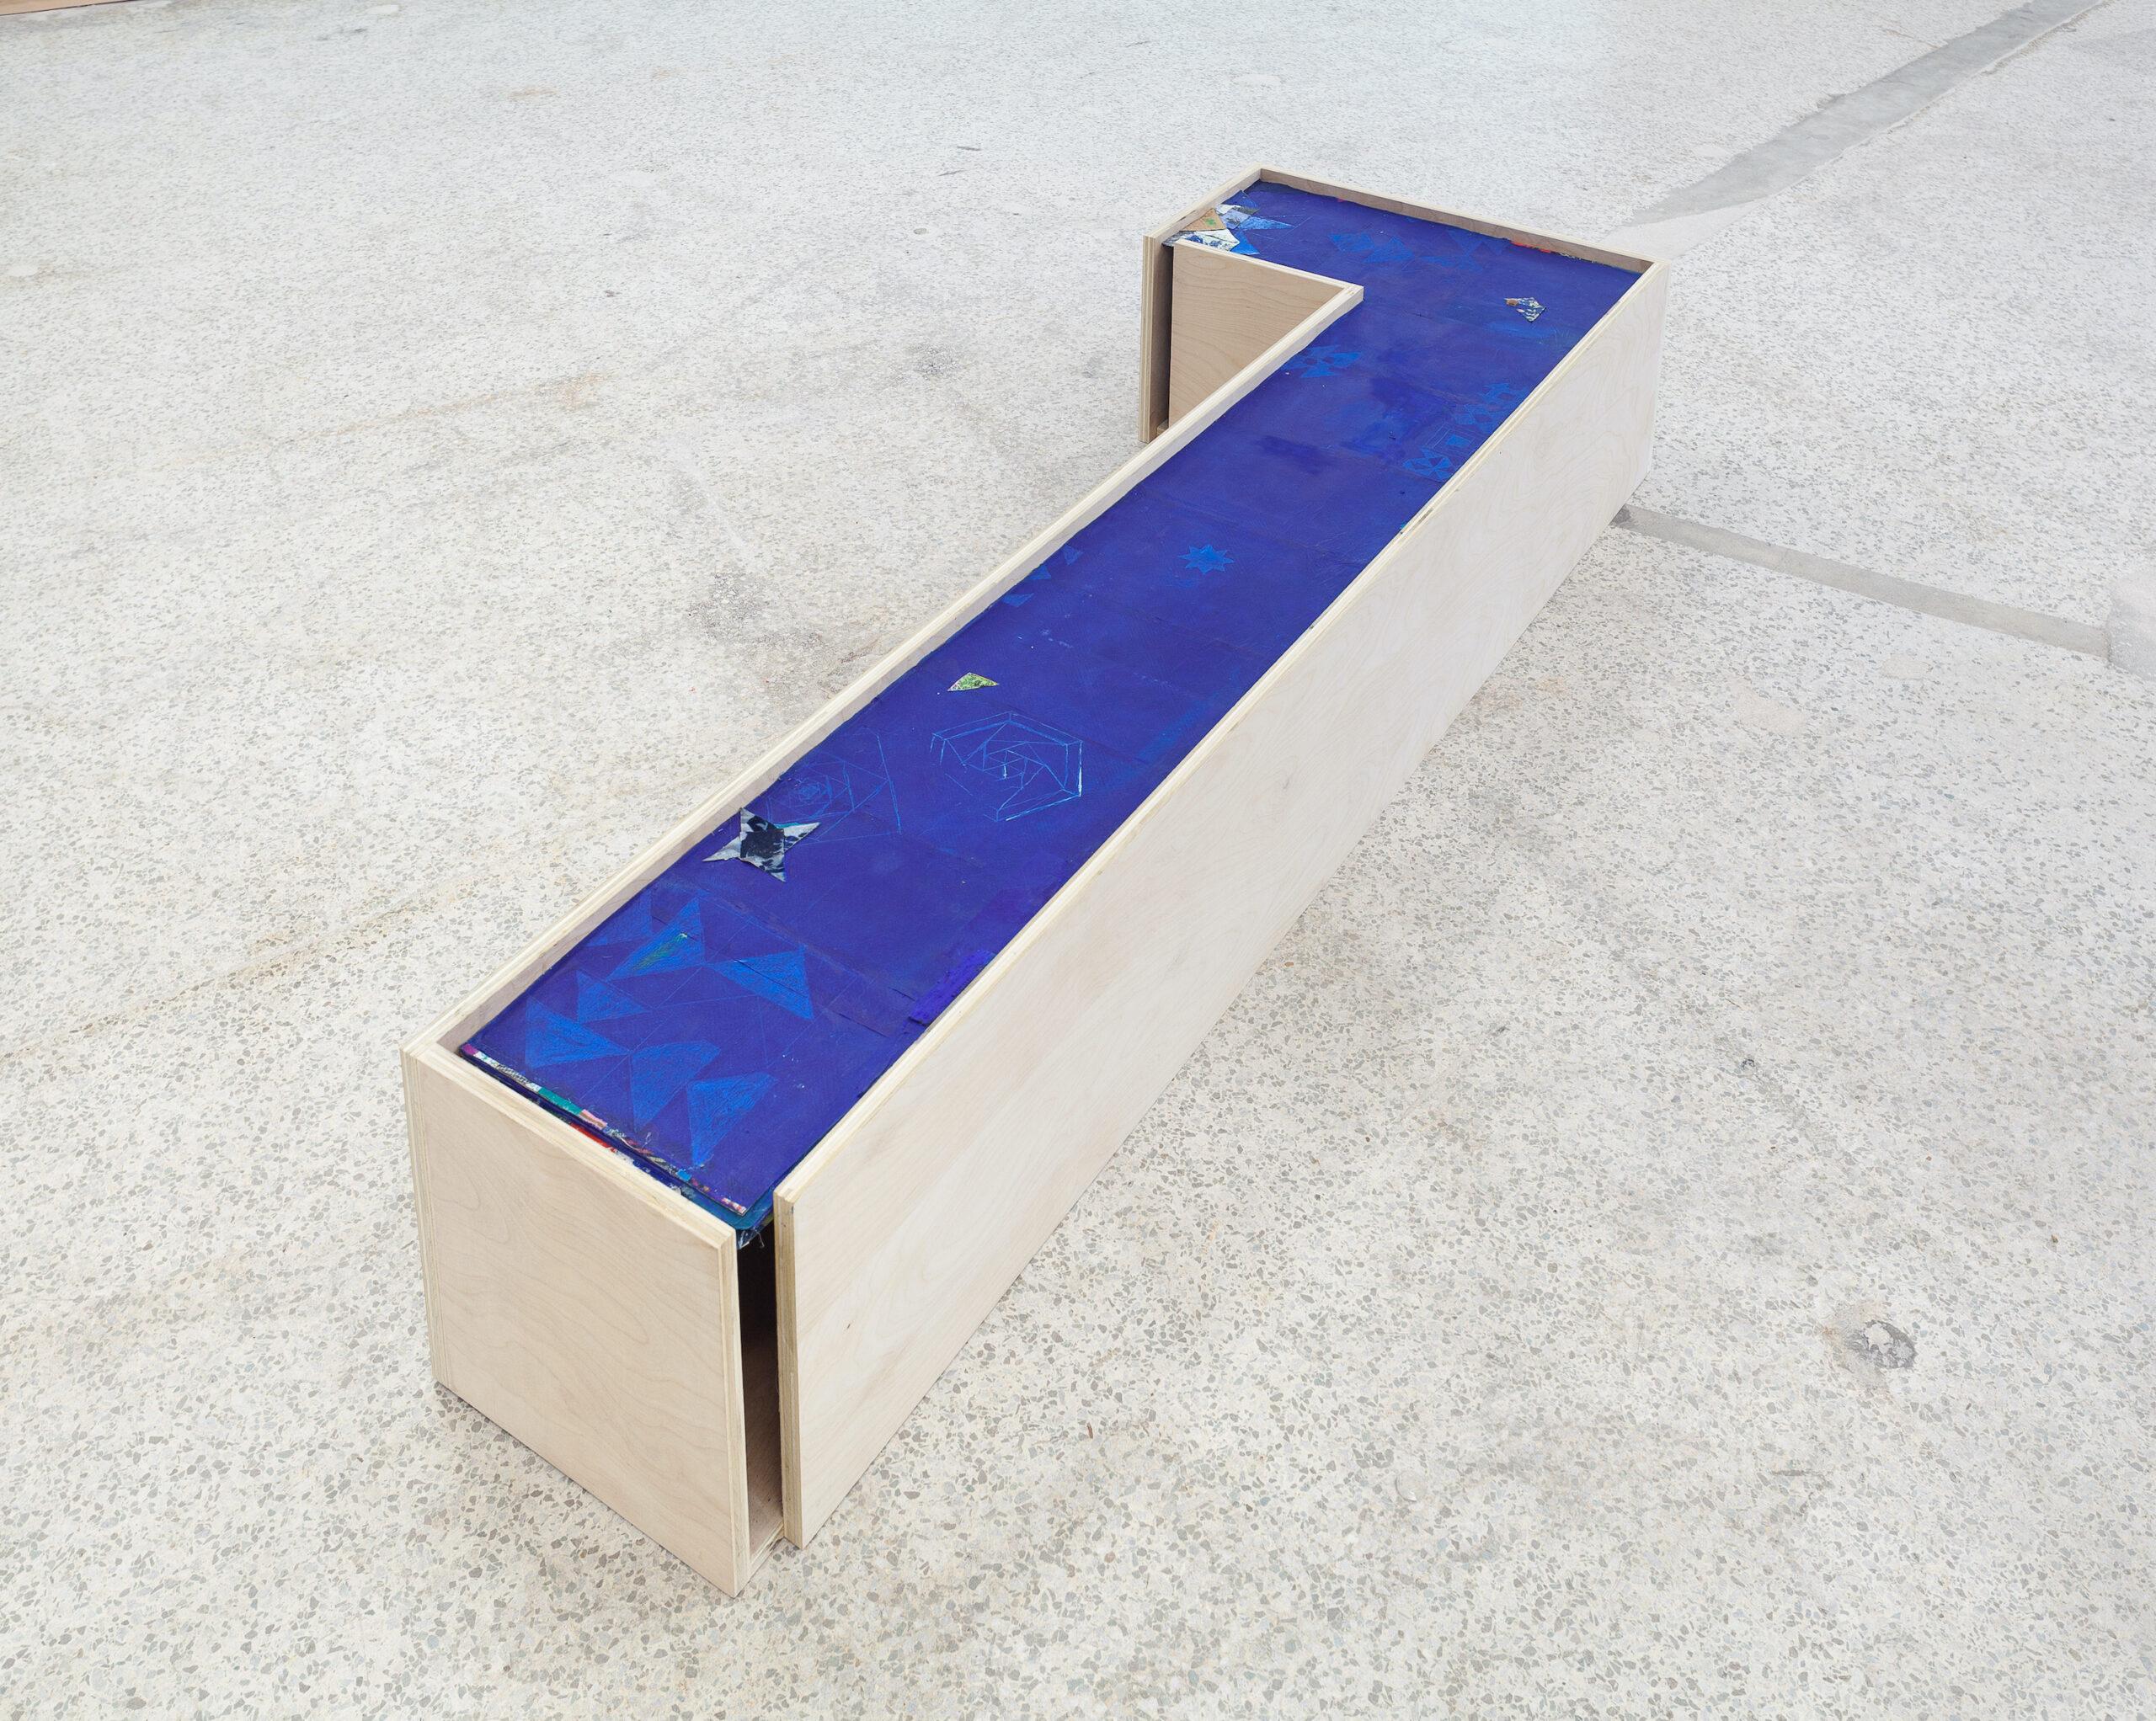 Yanira Collado, Untitled/echague, 2020